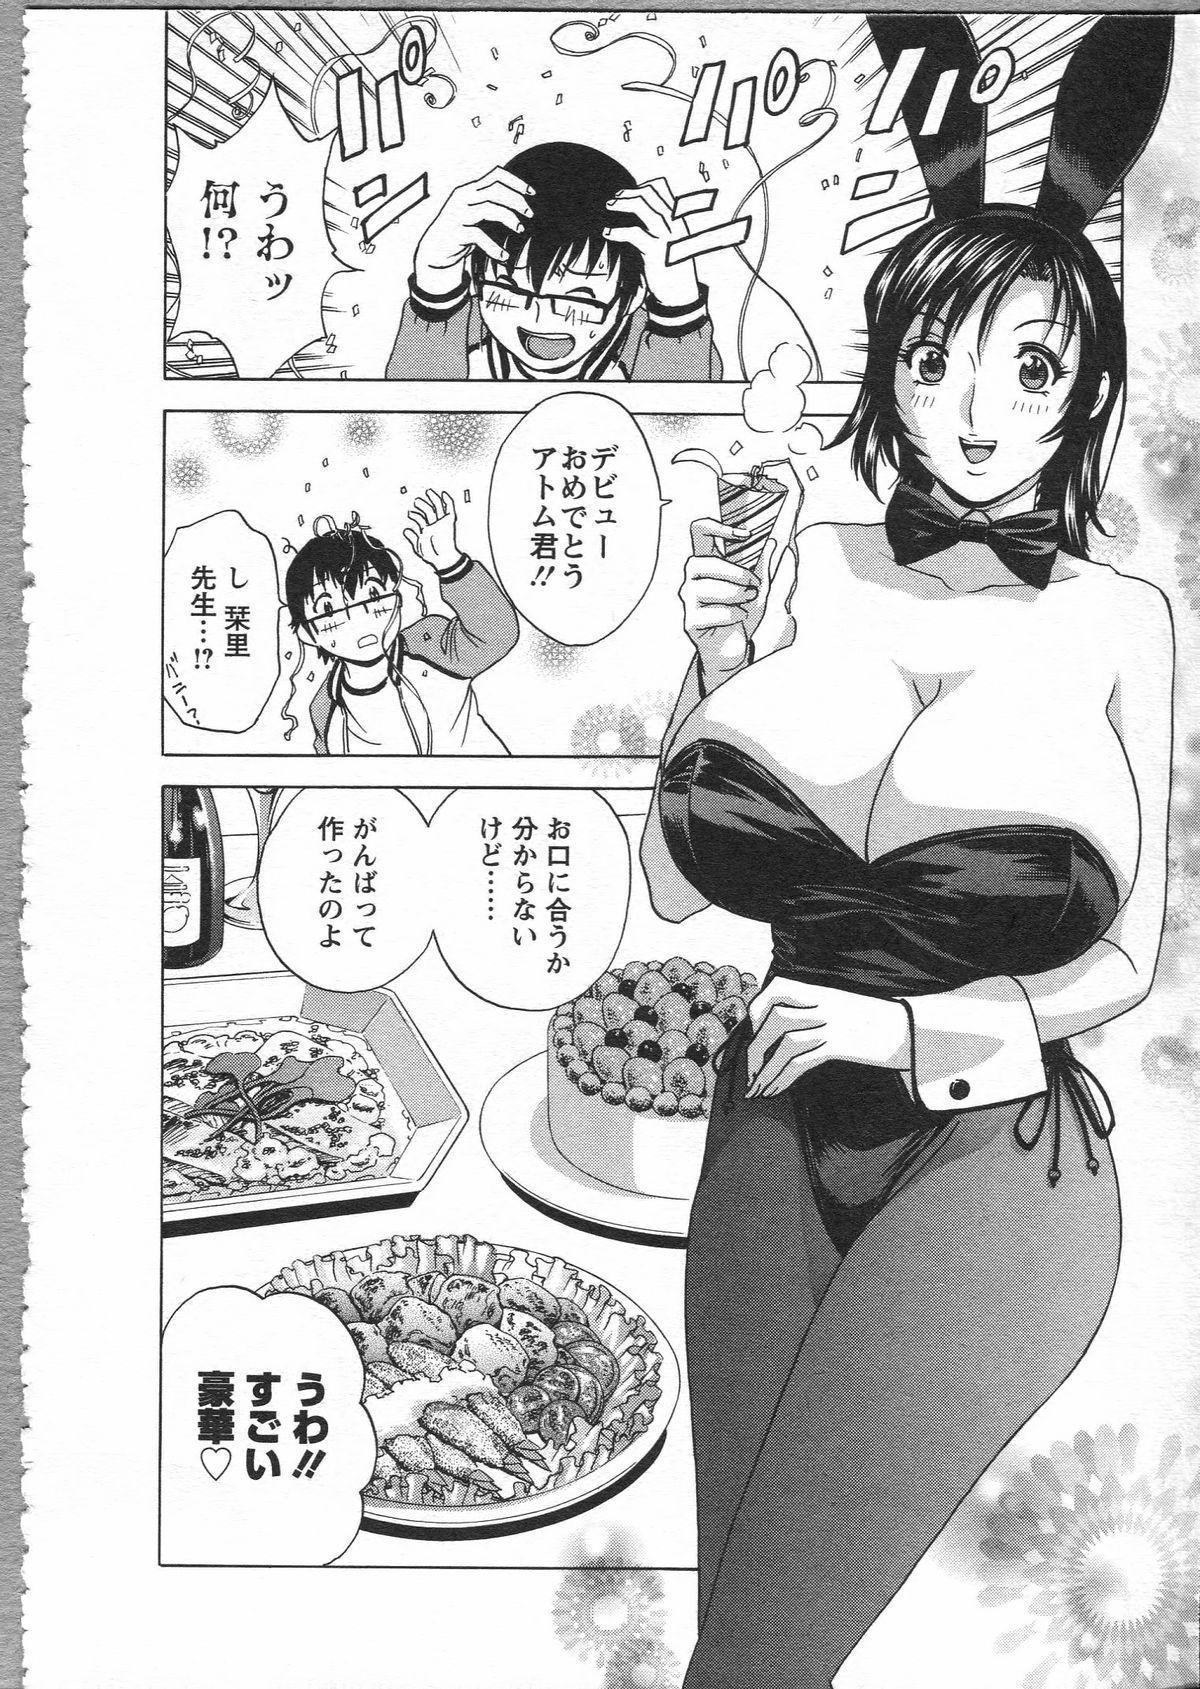 Manga no youna Hitozuma to no Hibi - Days with Married Women such as Comics. 175